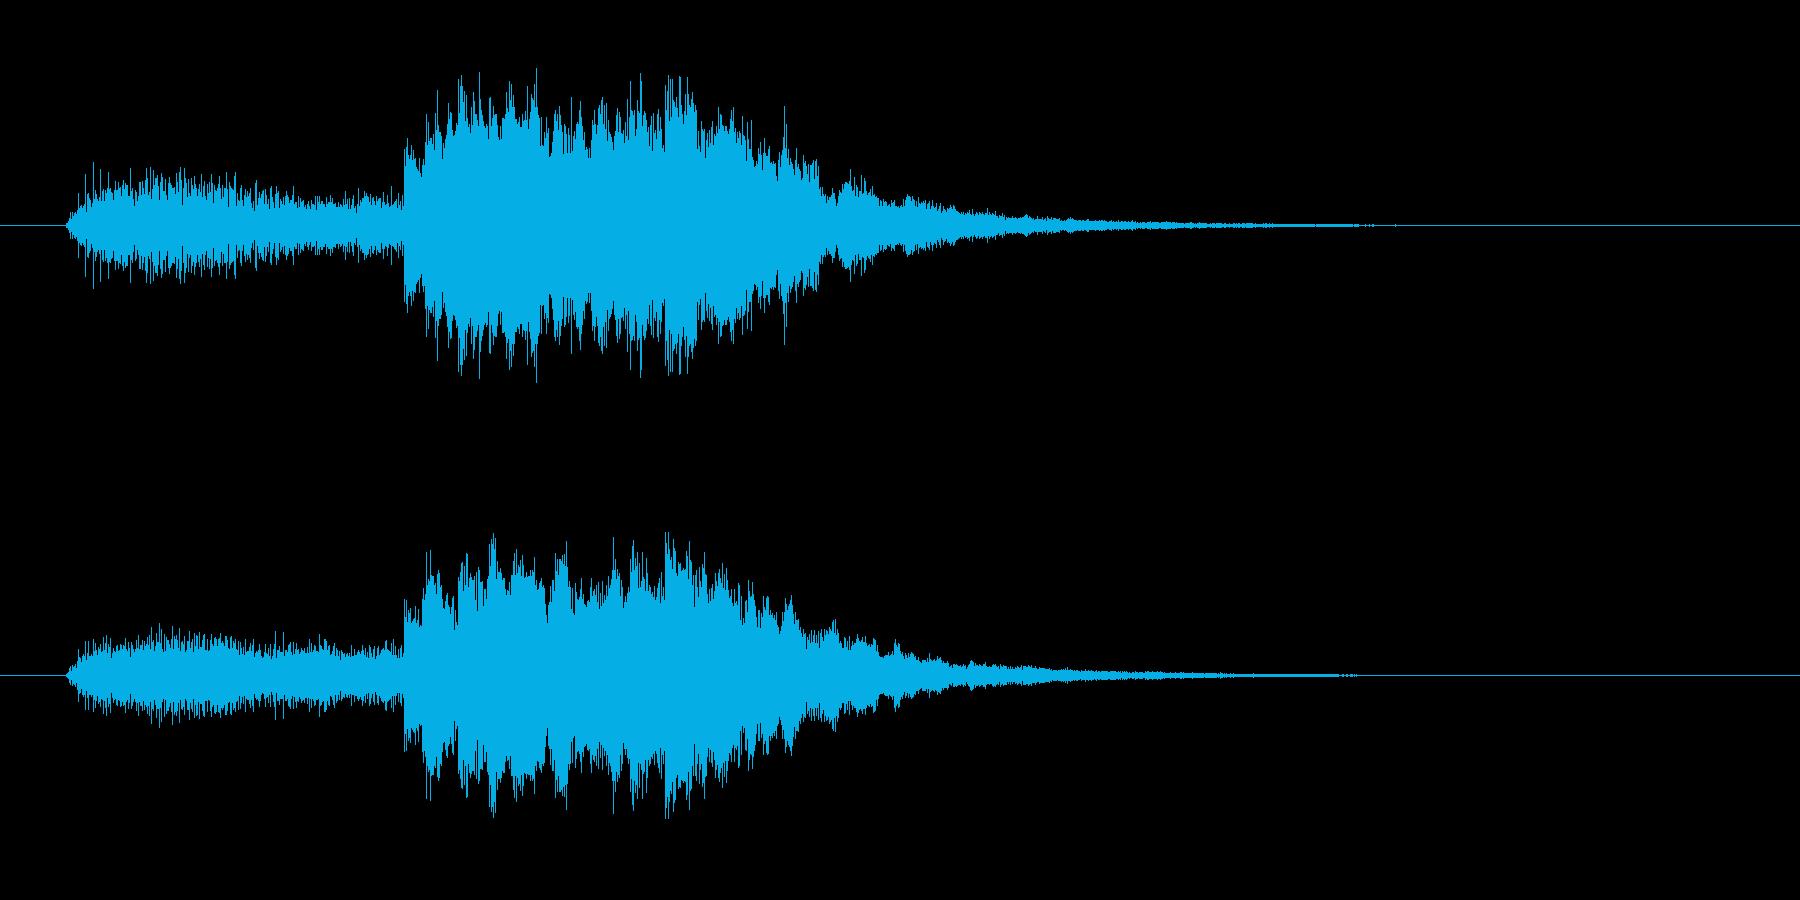 浮遊感あるシンセとピロリンピロリン音の再生済みの波形